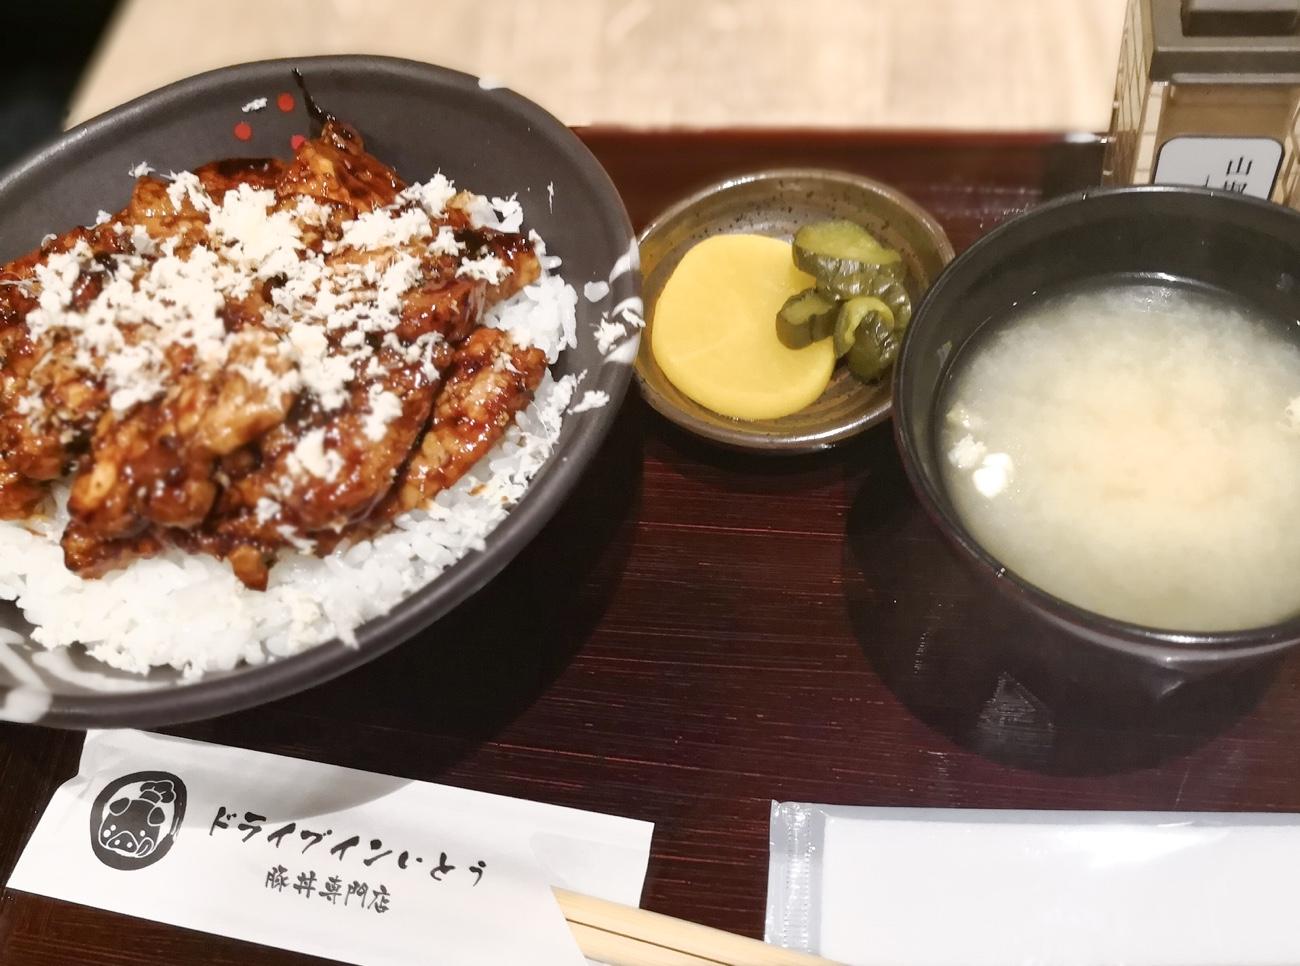 新千歳空港 食事おすすめのドライブインいとう豚丼名人 山わさび豚丼